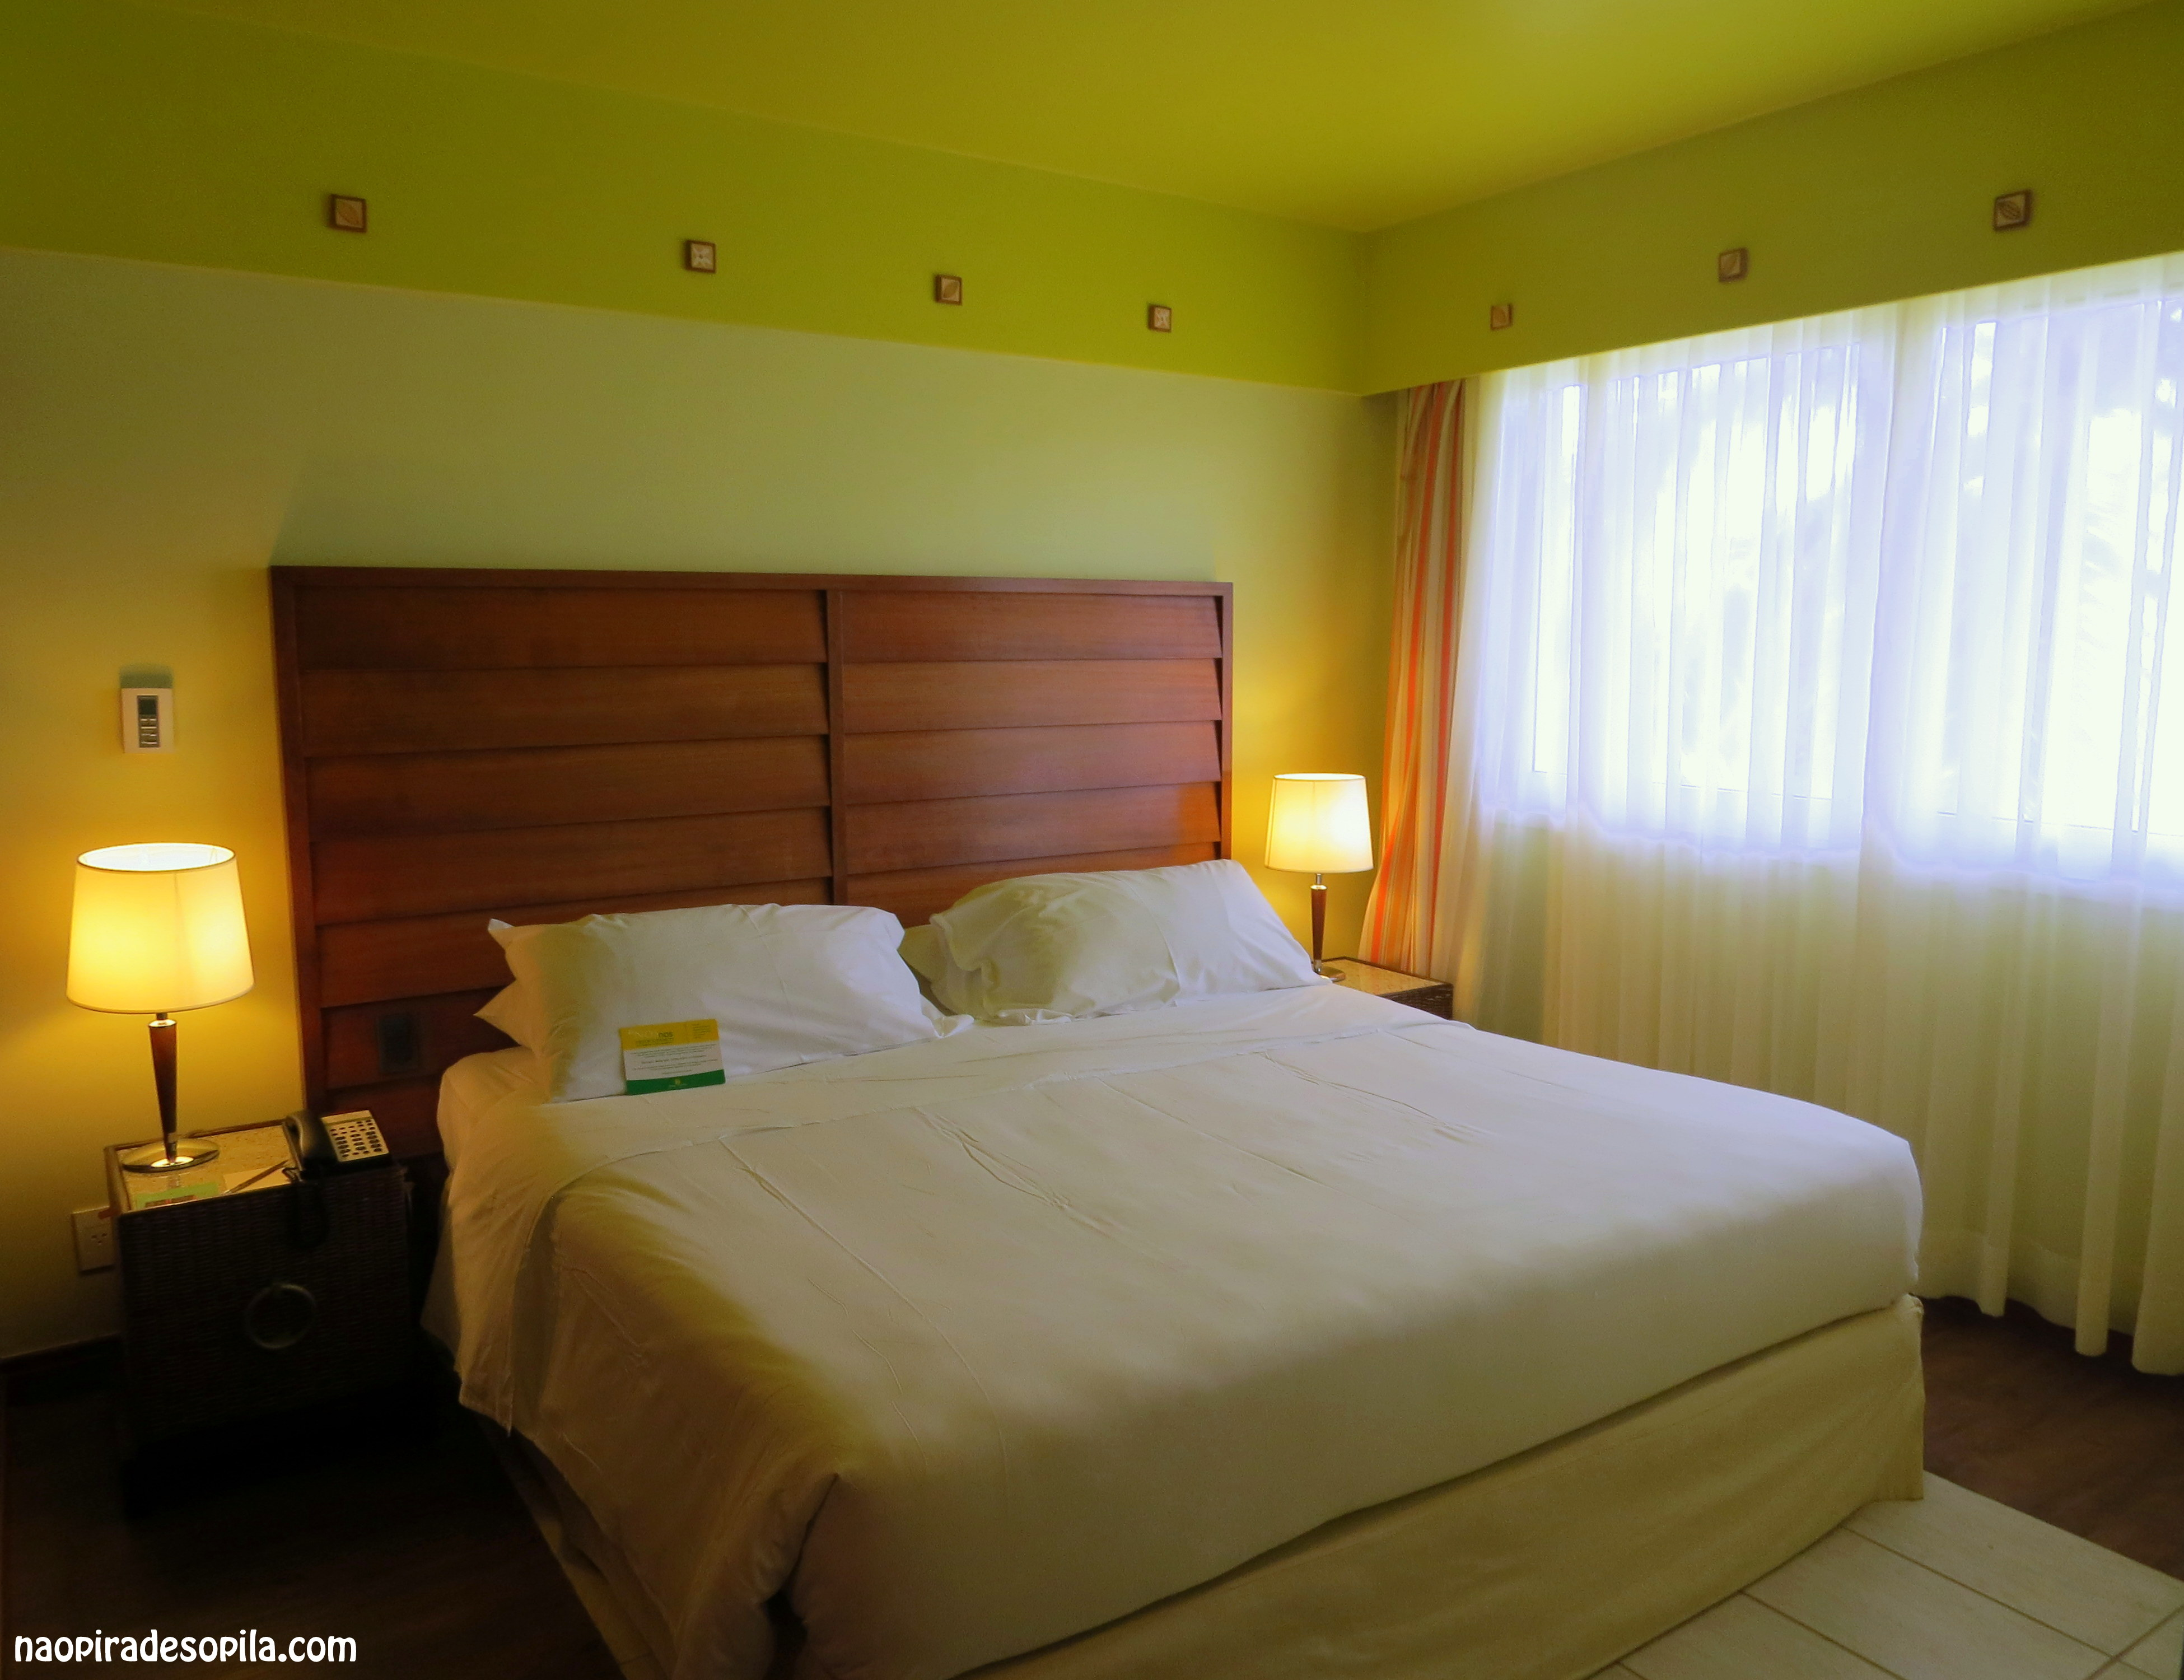 quarto_cama-2